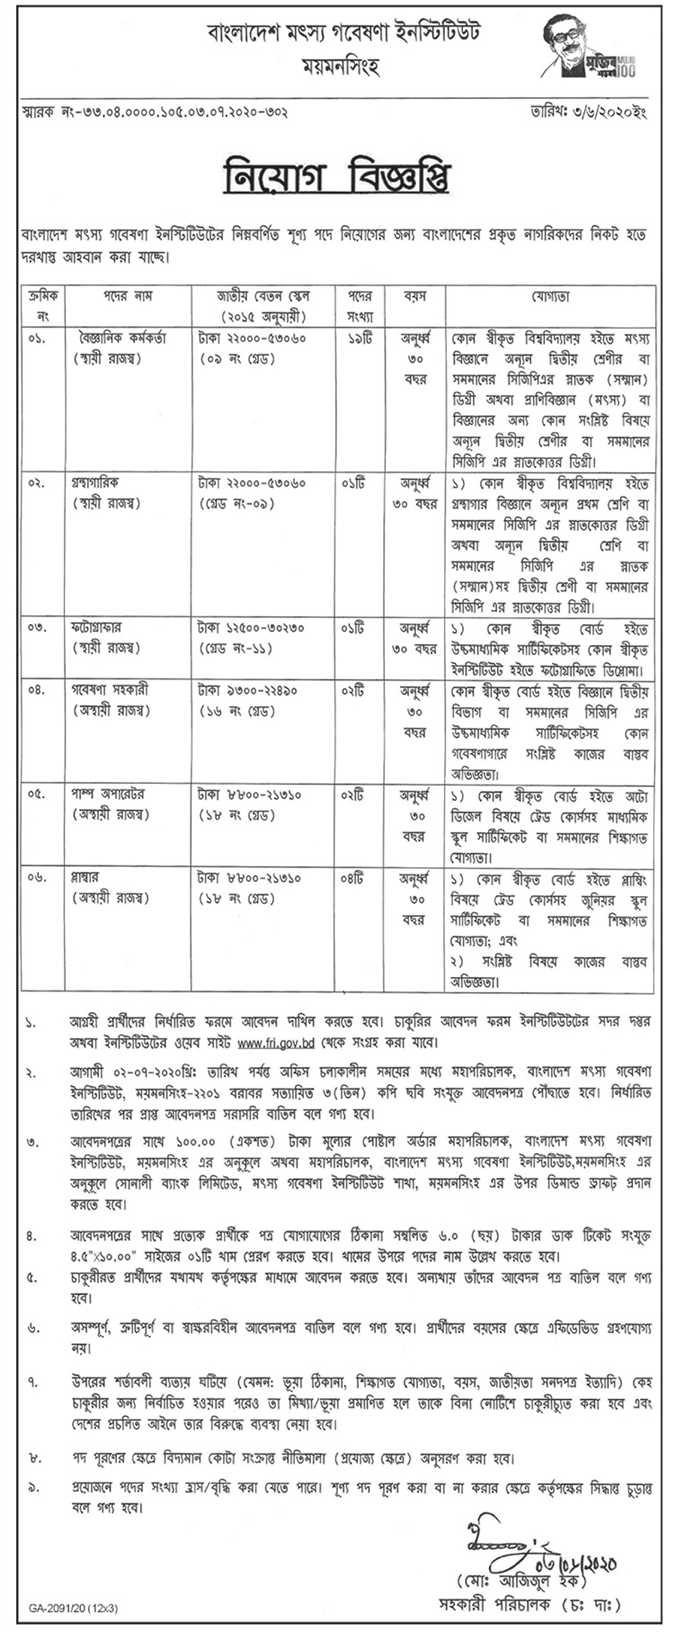 Bangladesh Fisheries Research Institute Job Circular 2020